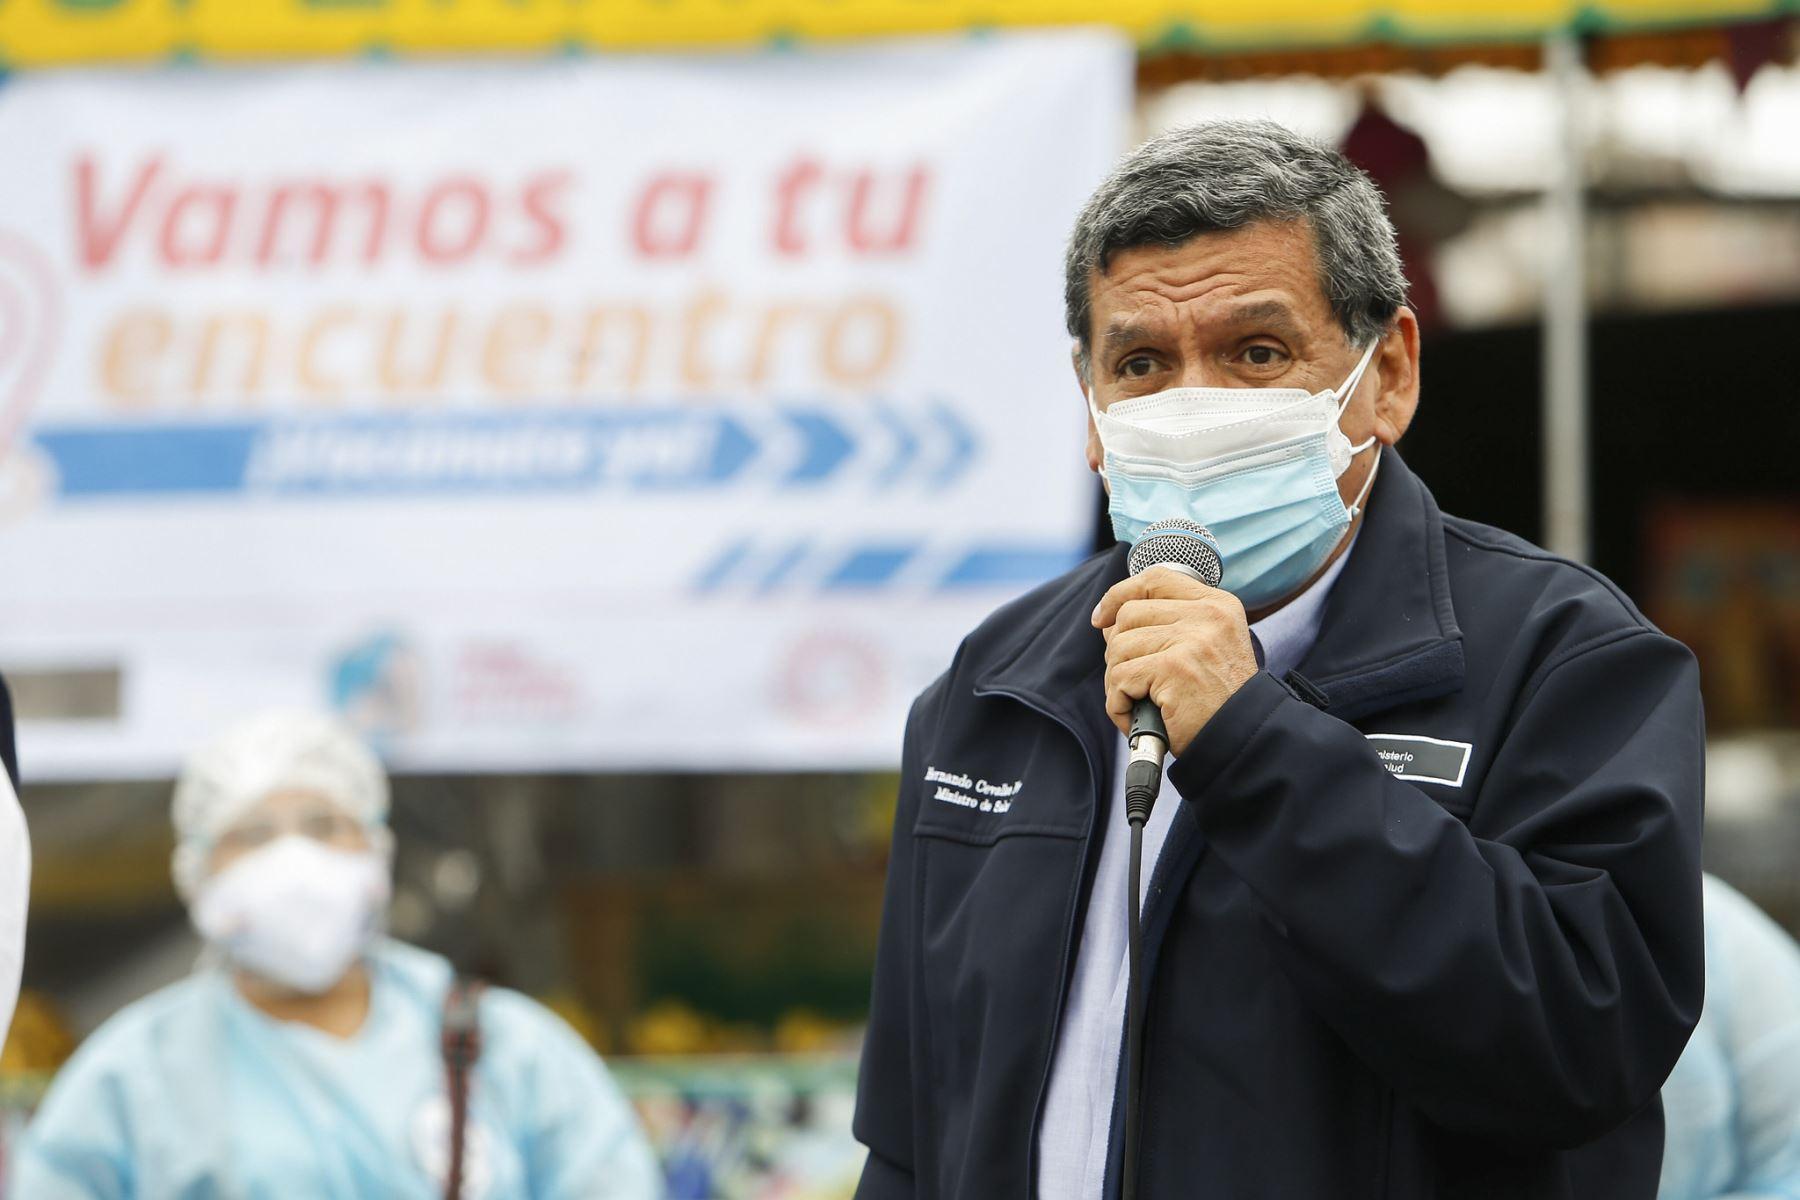 El ministro de Salud, Hernando Cevallos, exhorta a alcaldes a no organizar actividades masivas sin ser evaluadas por el Minsa. Foto: ANDINA/Minsa.